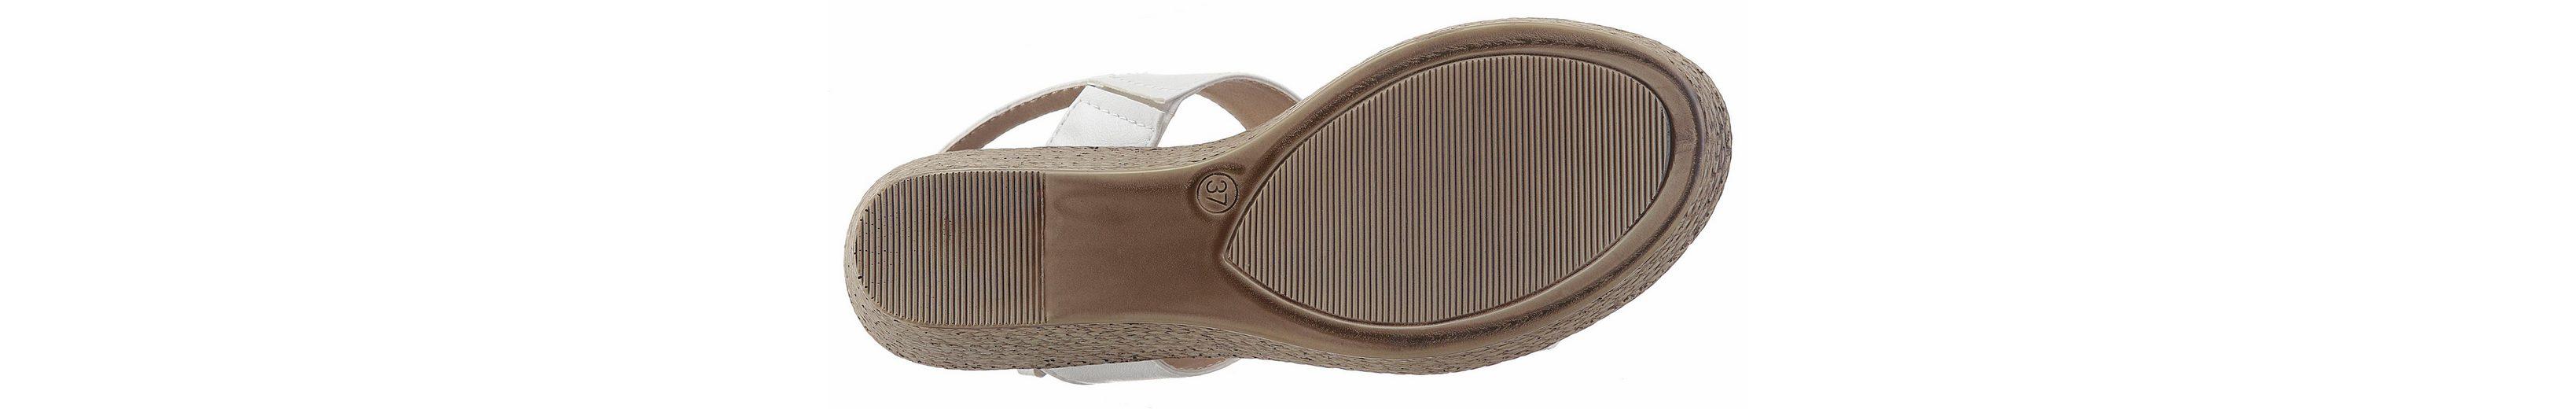 Arizona Sandalette, mit verstellbarer Schnalle